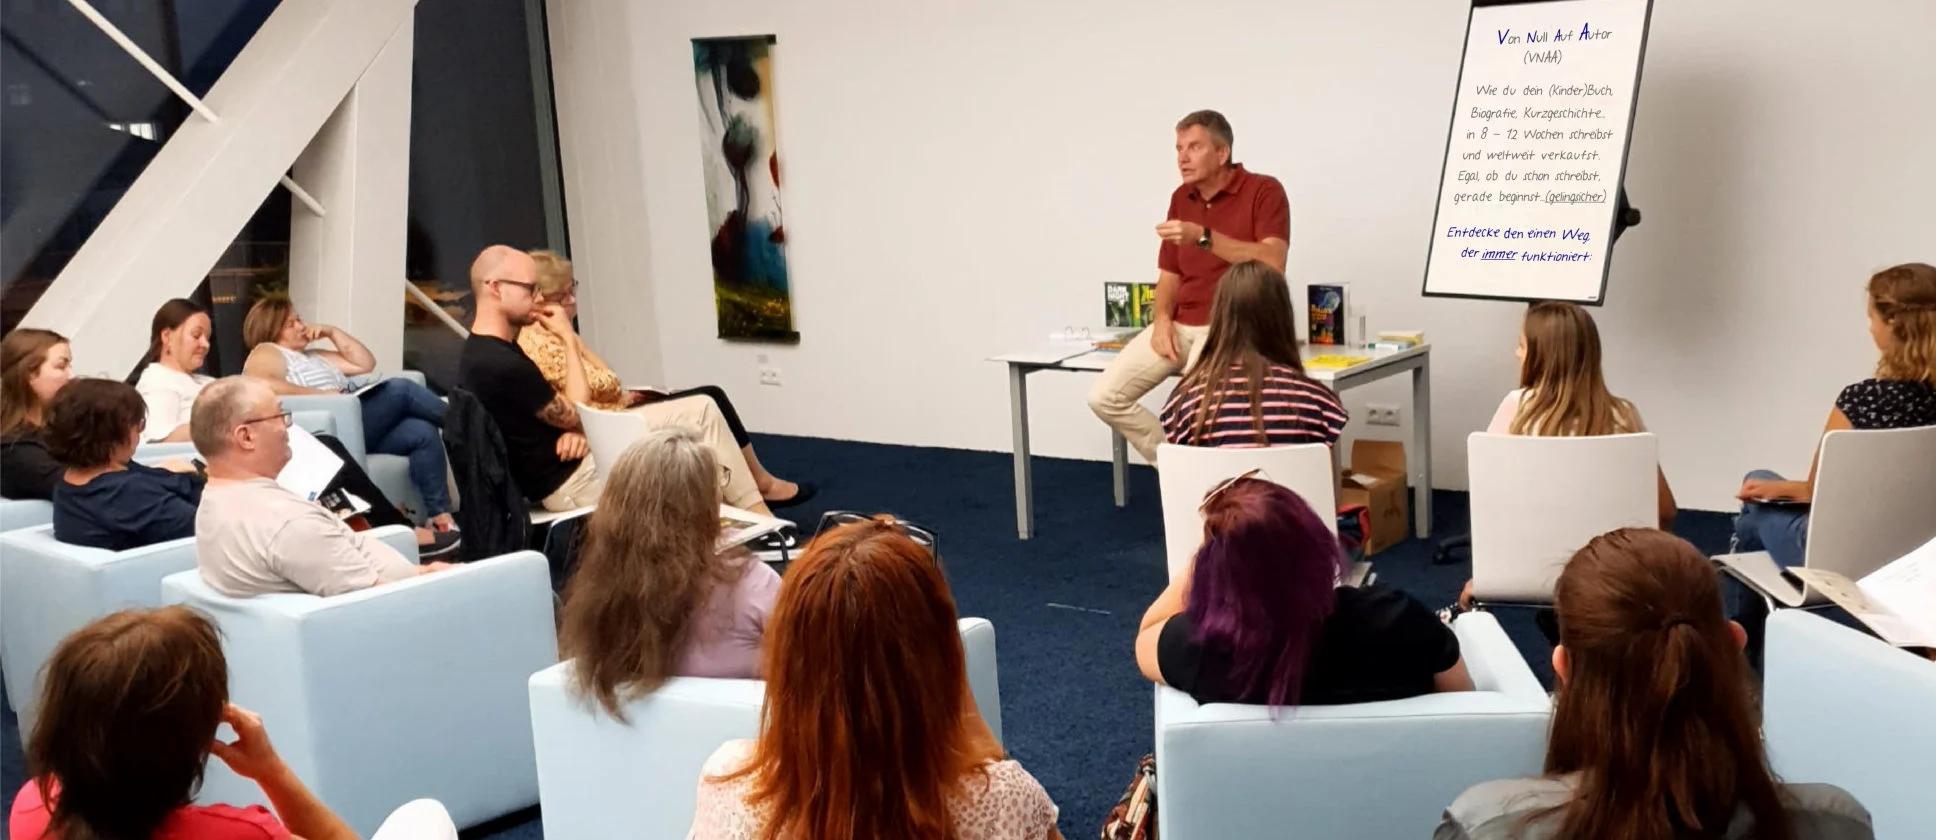 """Grieskirchen, Stadtbibliothek, 8. 9.: """"Top-Seminar, echte Resultate wie hier findet man nirgendwo sonst. Danke, Martin."""""""